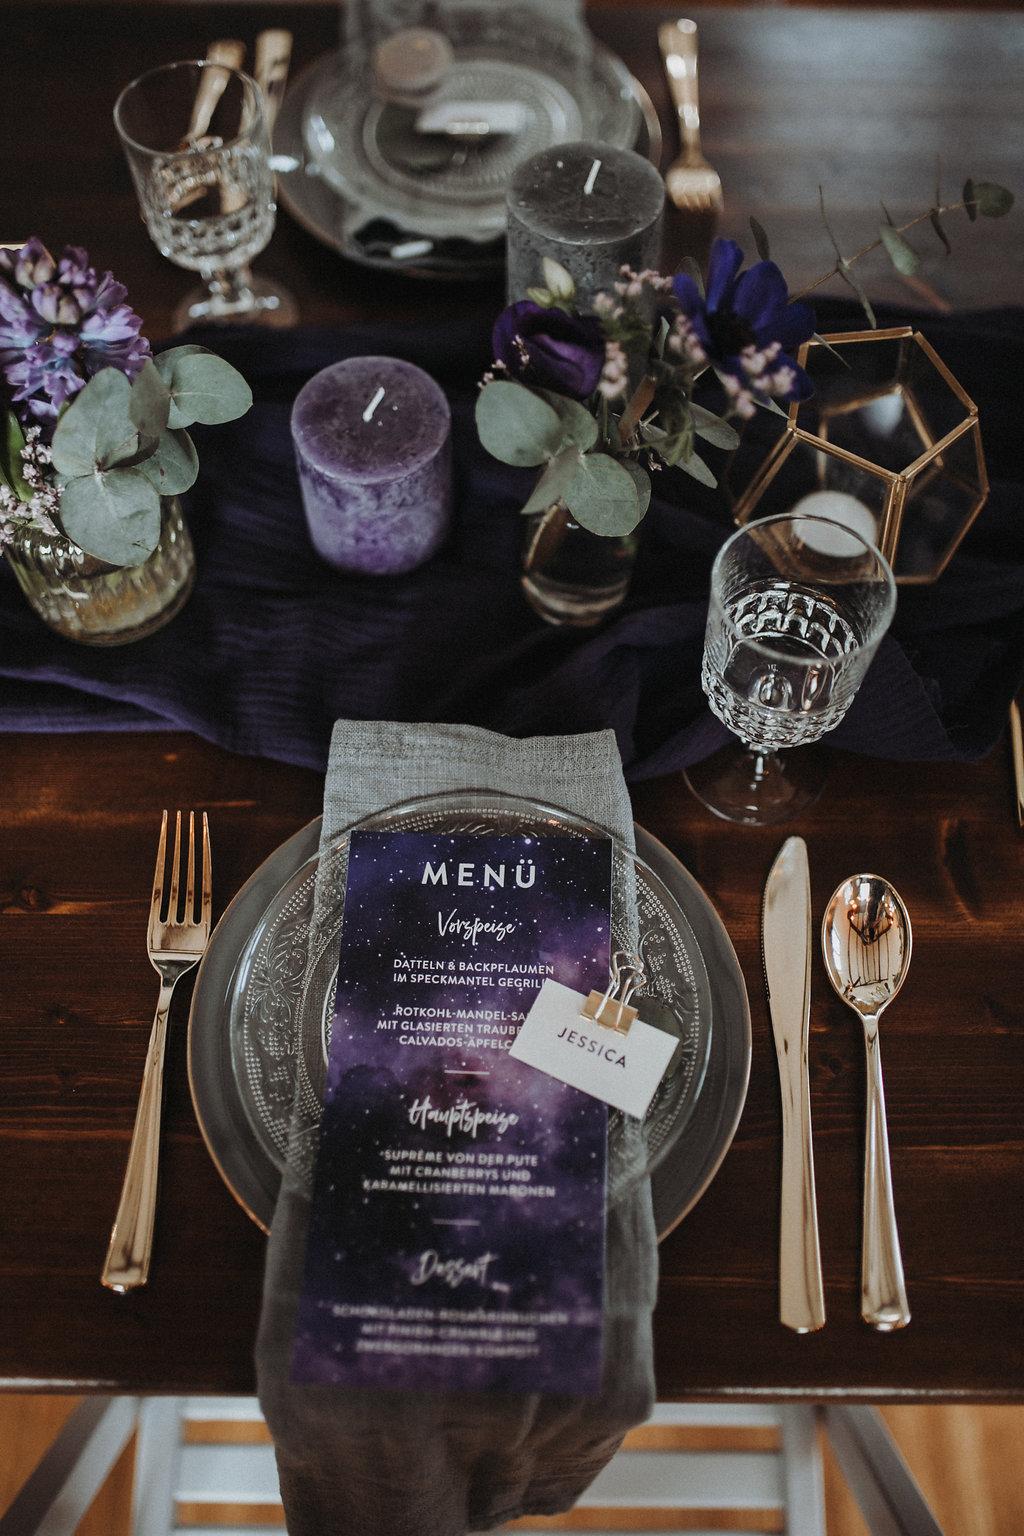 Tischdeko ultra violet, Tischdekoration lila, Tischdeko lila, Tischdekoration ultra violet